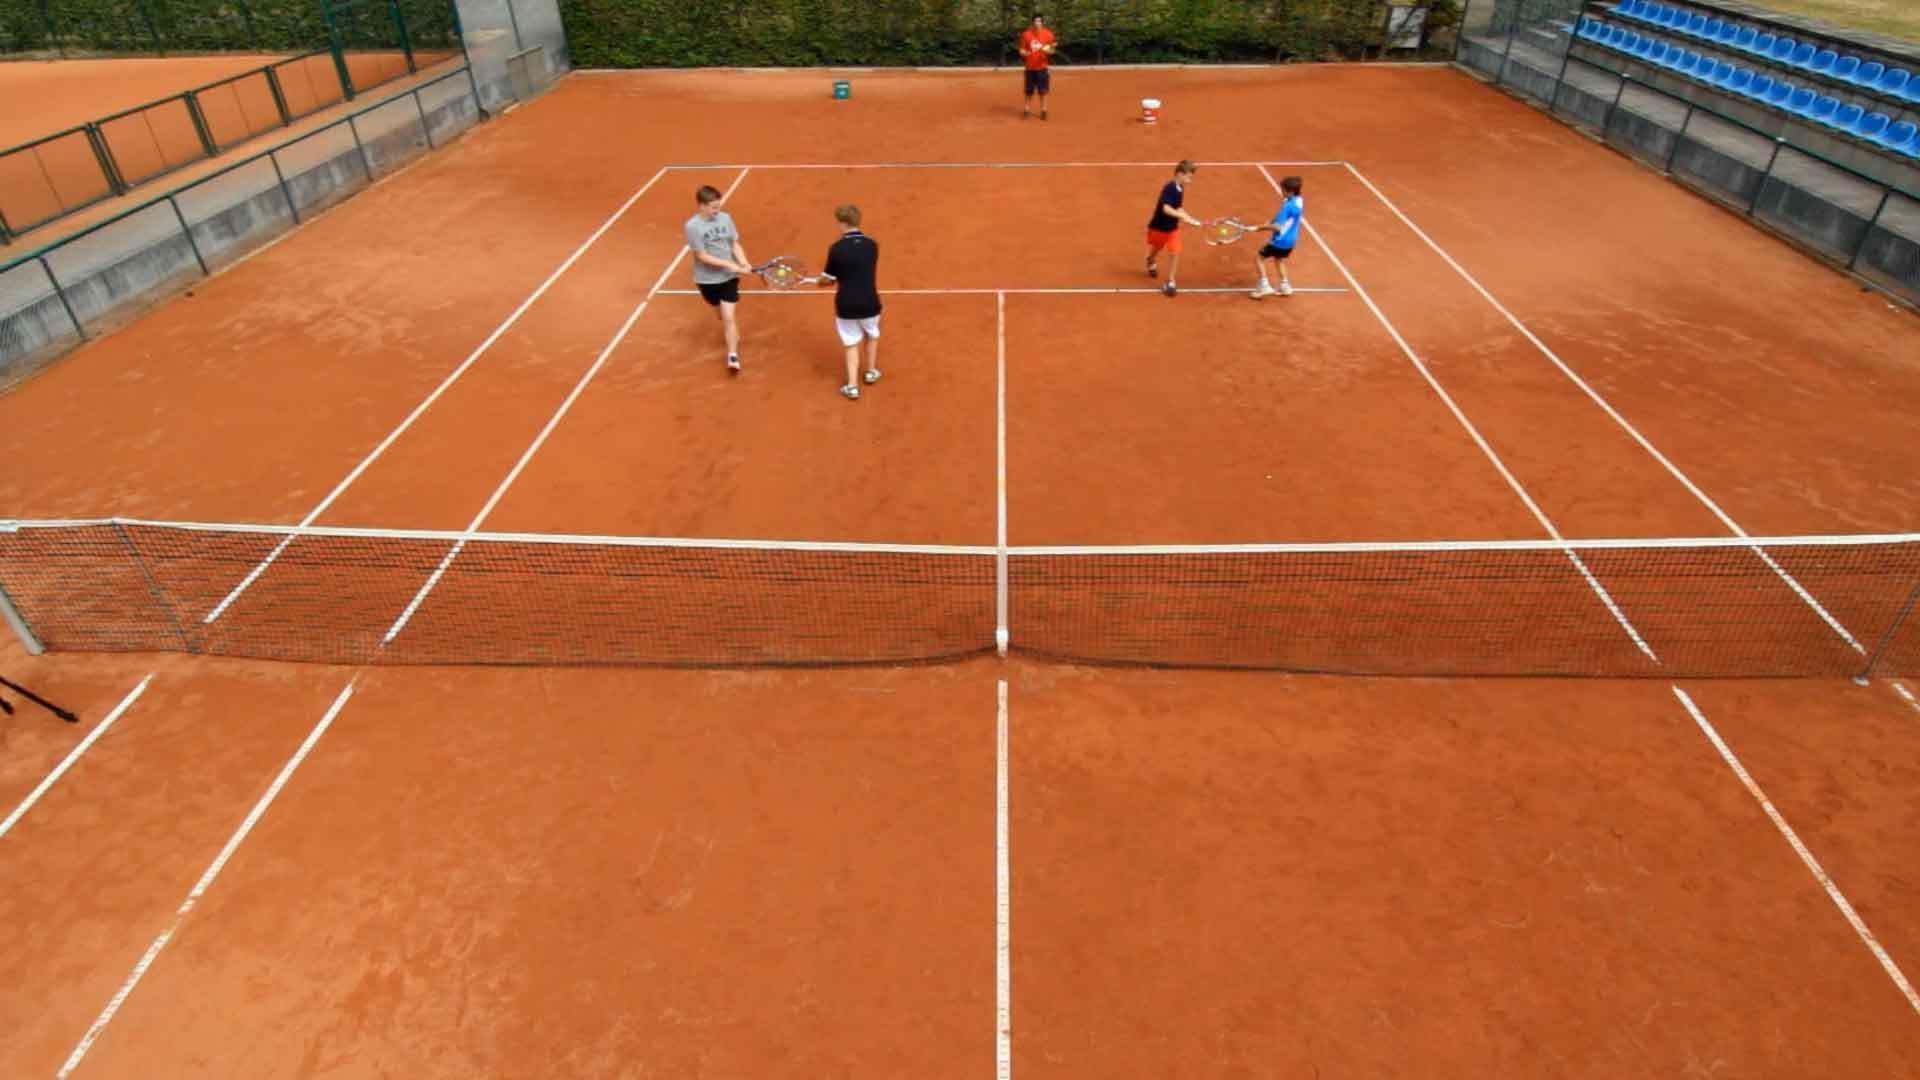 Tennis-Ausbildung der Zukunft: Vorfahrt für's Spielen